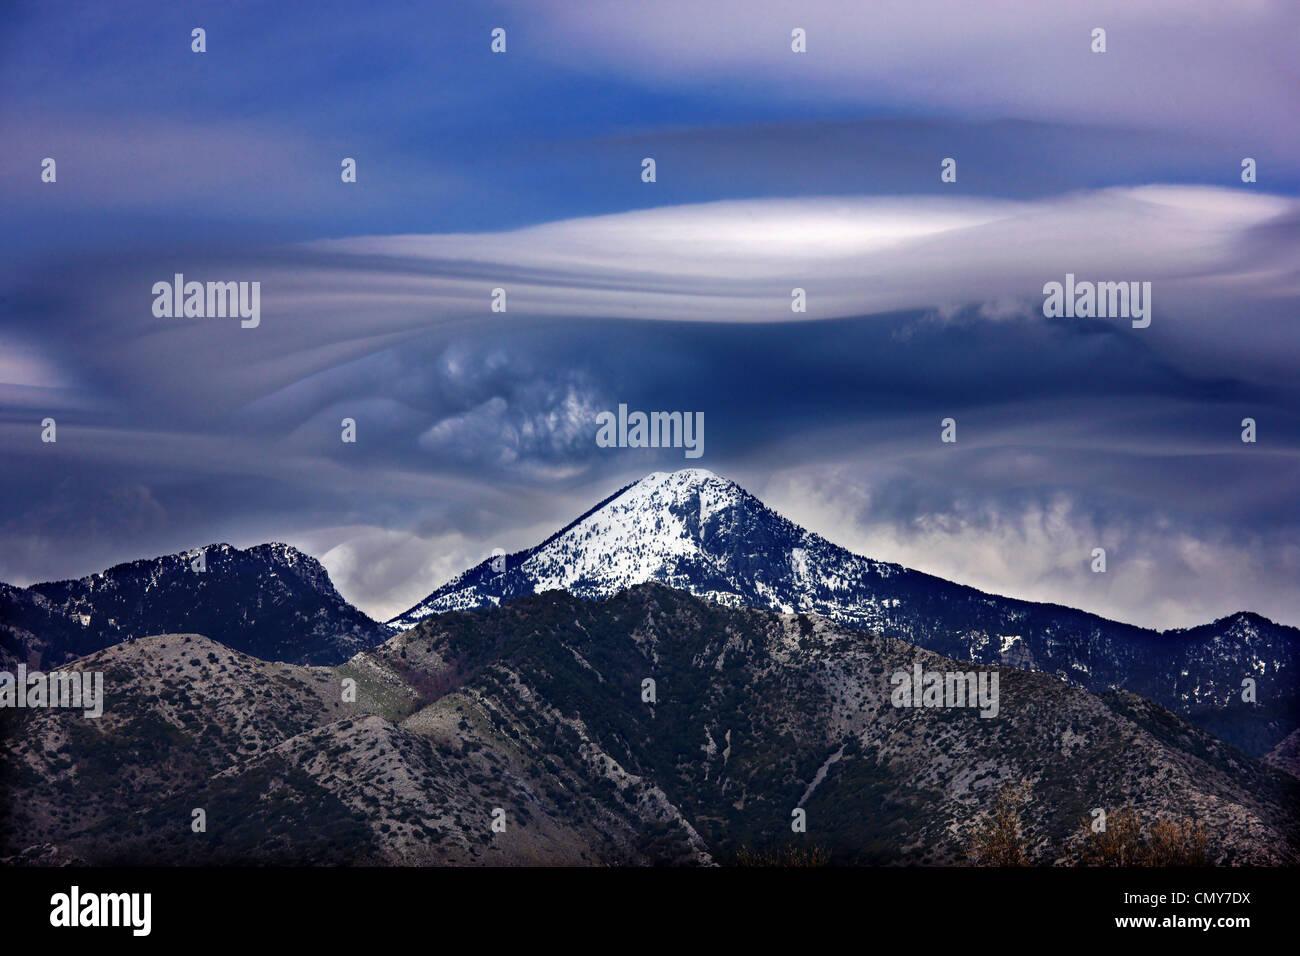 Seltsame Wolke (linsenförmige), über Mavrovouna, eines der höchsten Gipfel des Taygetos-Gebirges. Stockbild